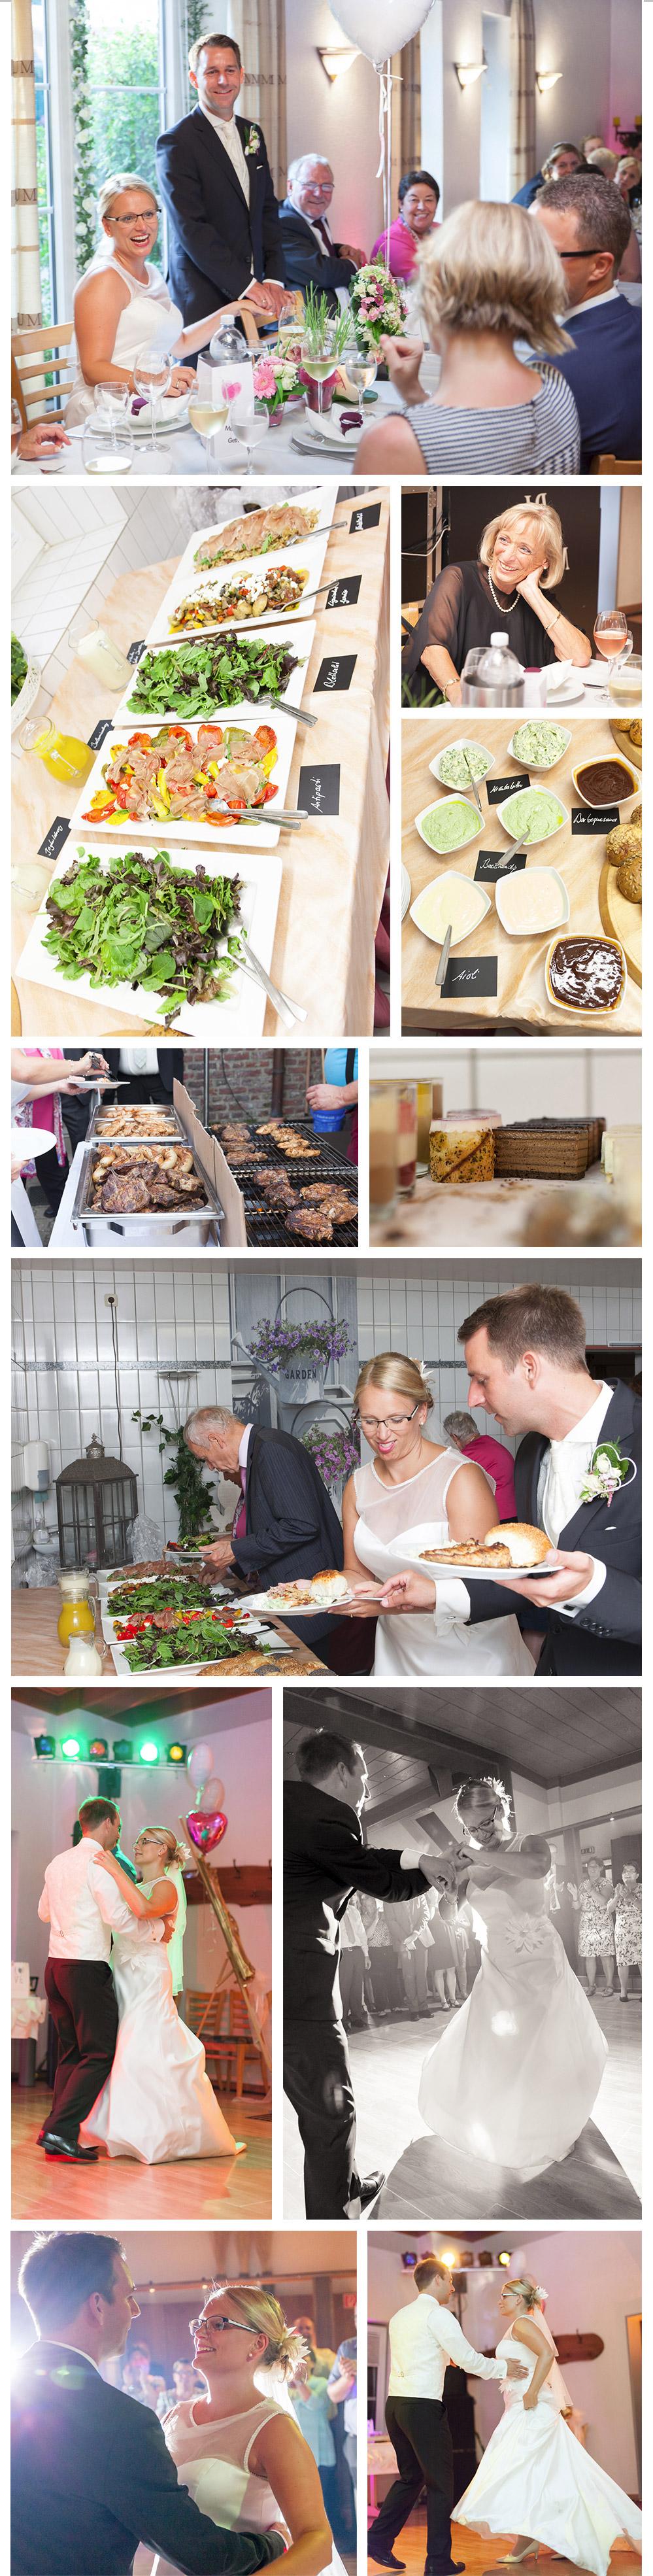 die Hochzeitsfeier – Ganztags-Hochzeitsreportage